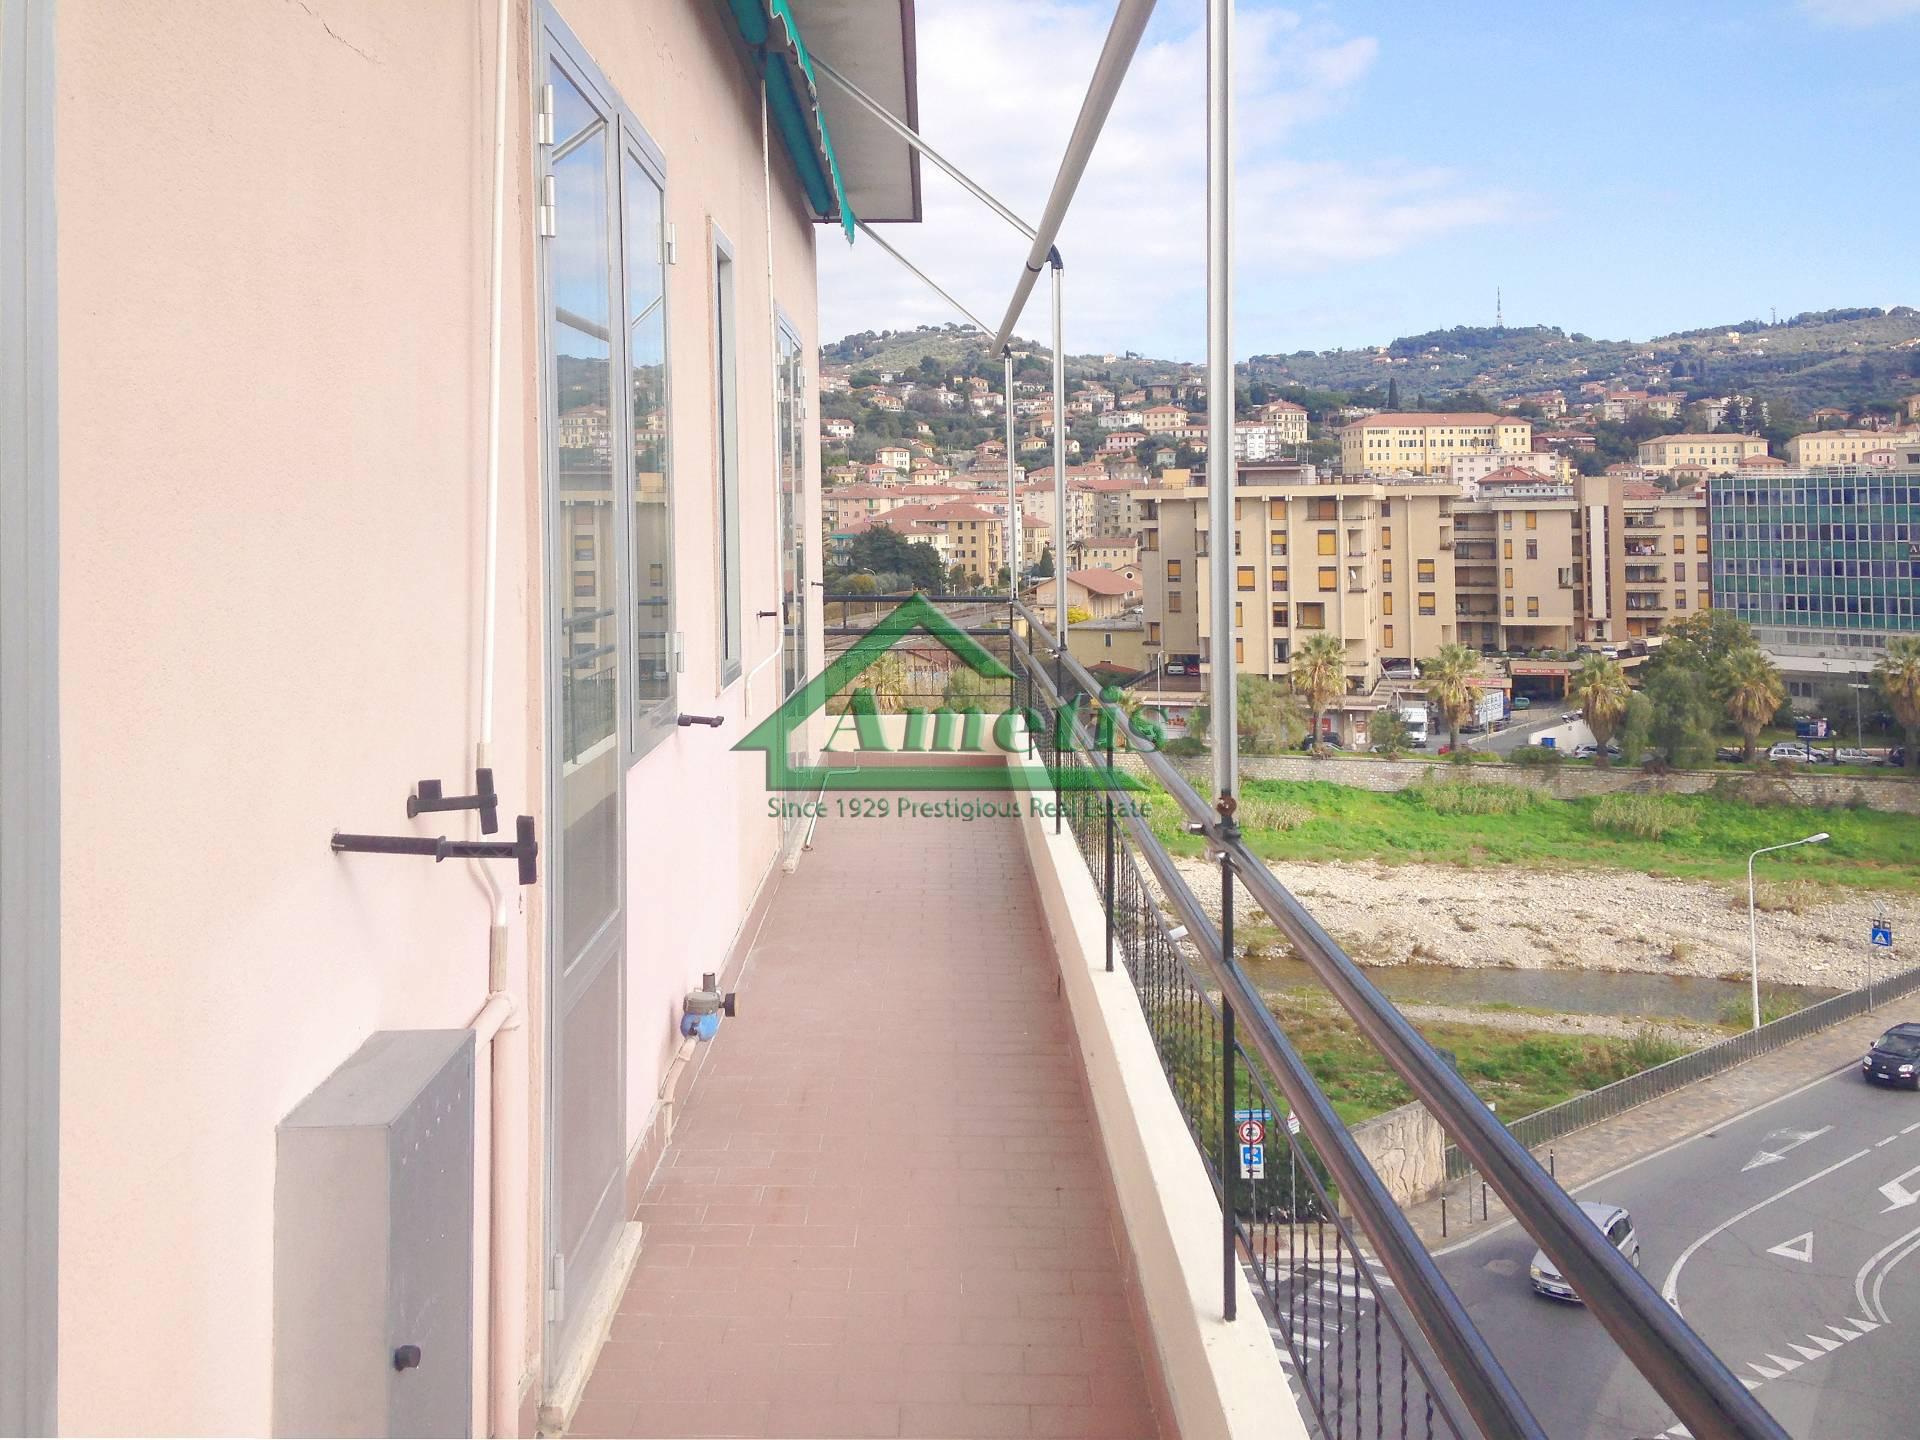 Appartamento in affitto a Imperia, 3 locali, zona Località: Onegliacentro, prezzo € 600   CambioCasa.it